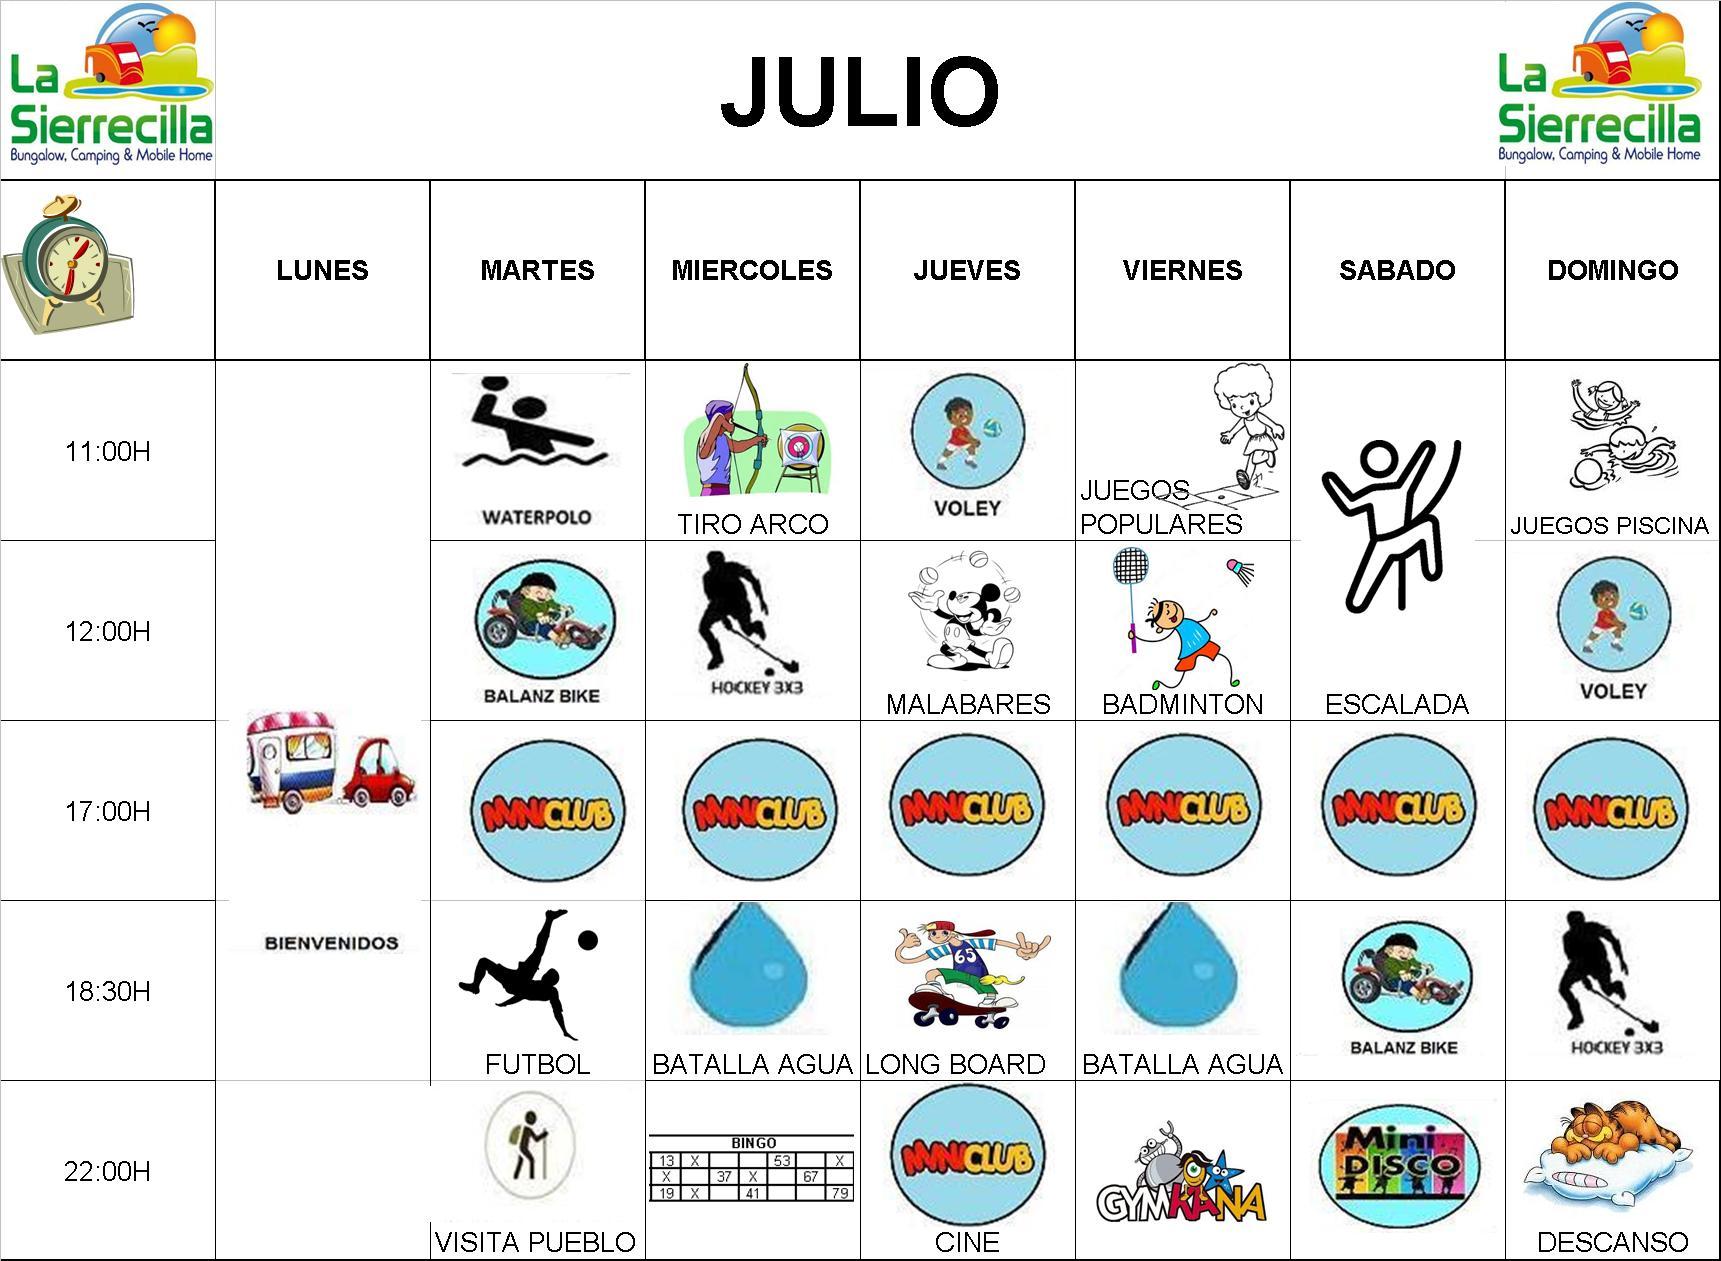 PROGRAMA 2 JULIO sierre 1 - Program activities July 2018